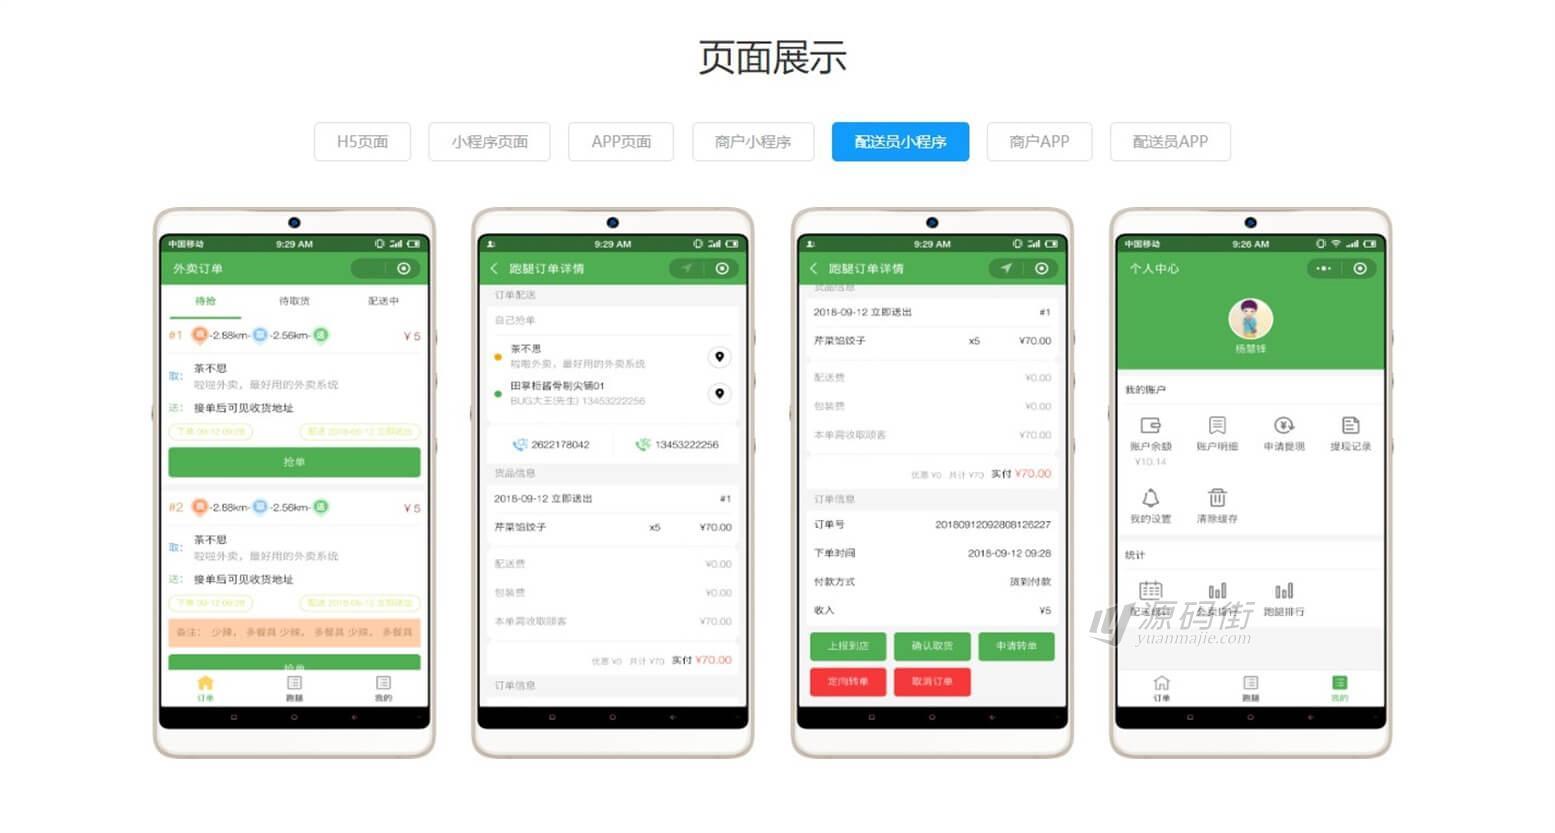 啦啦外卖餐饮跑腿小程序v 30.5.0完整版+多端前端+App+全插件-5